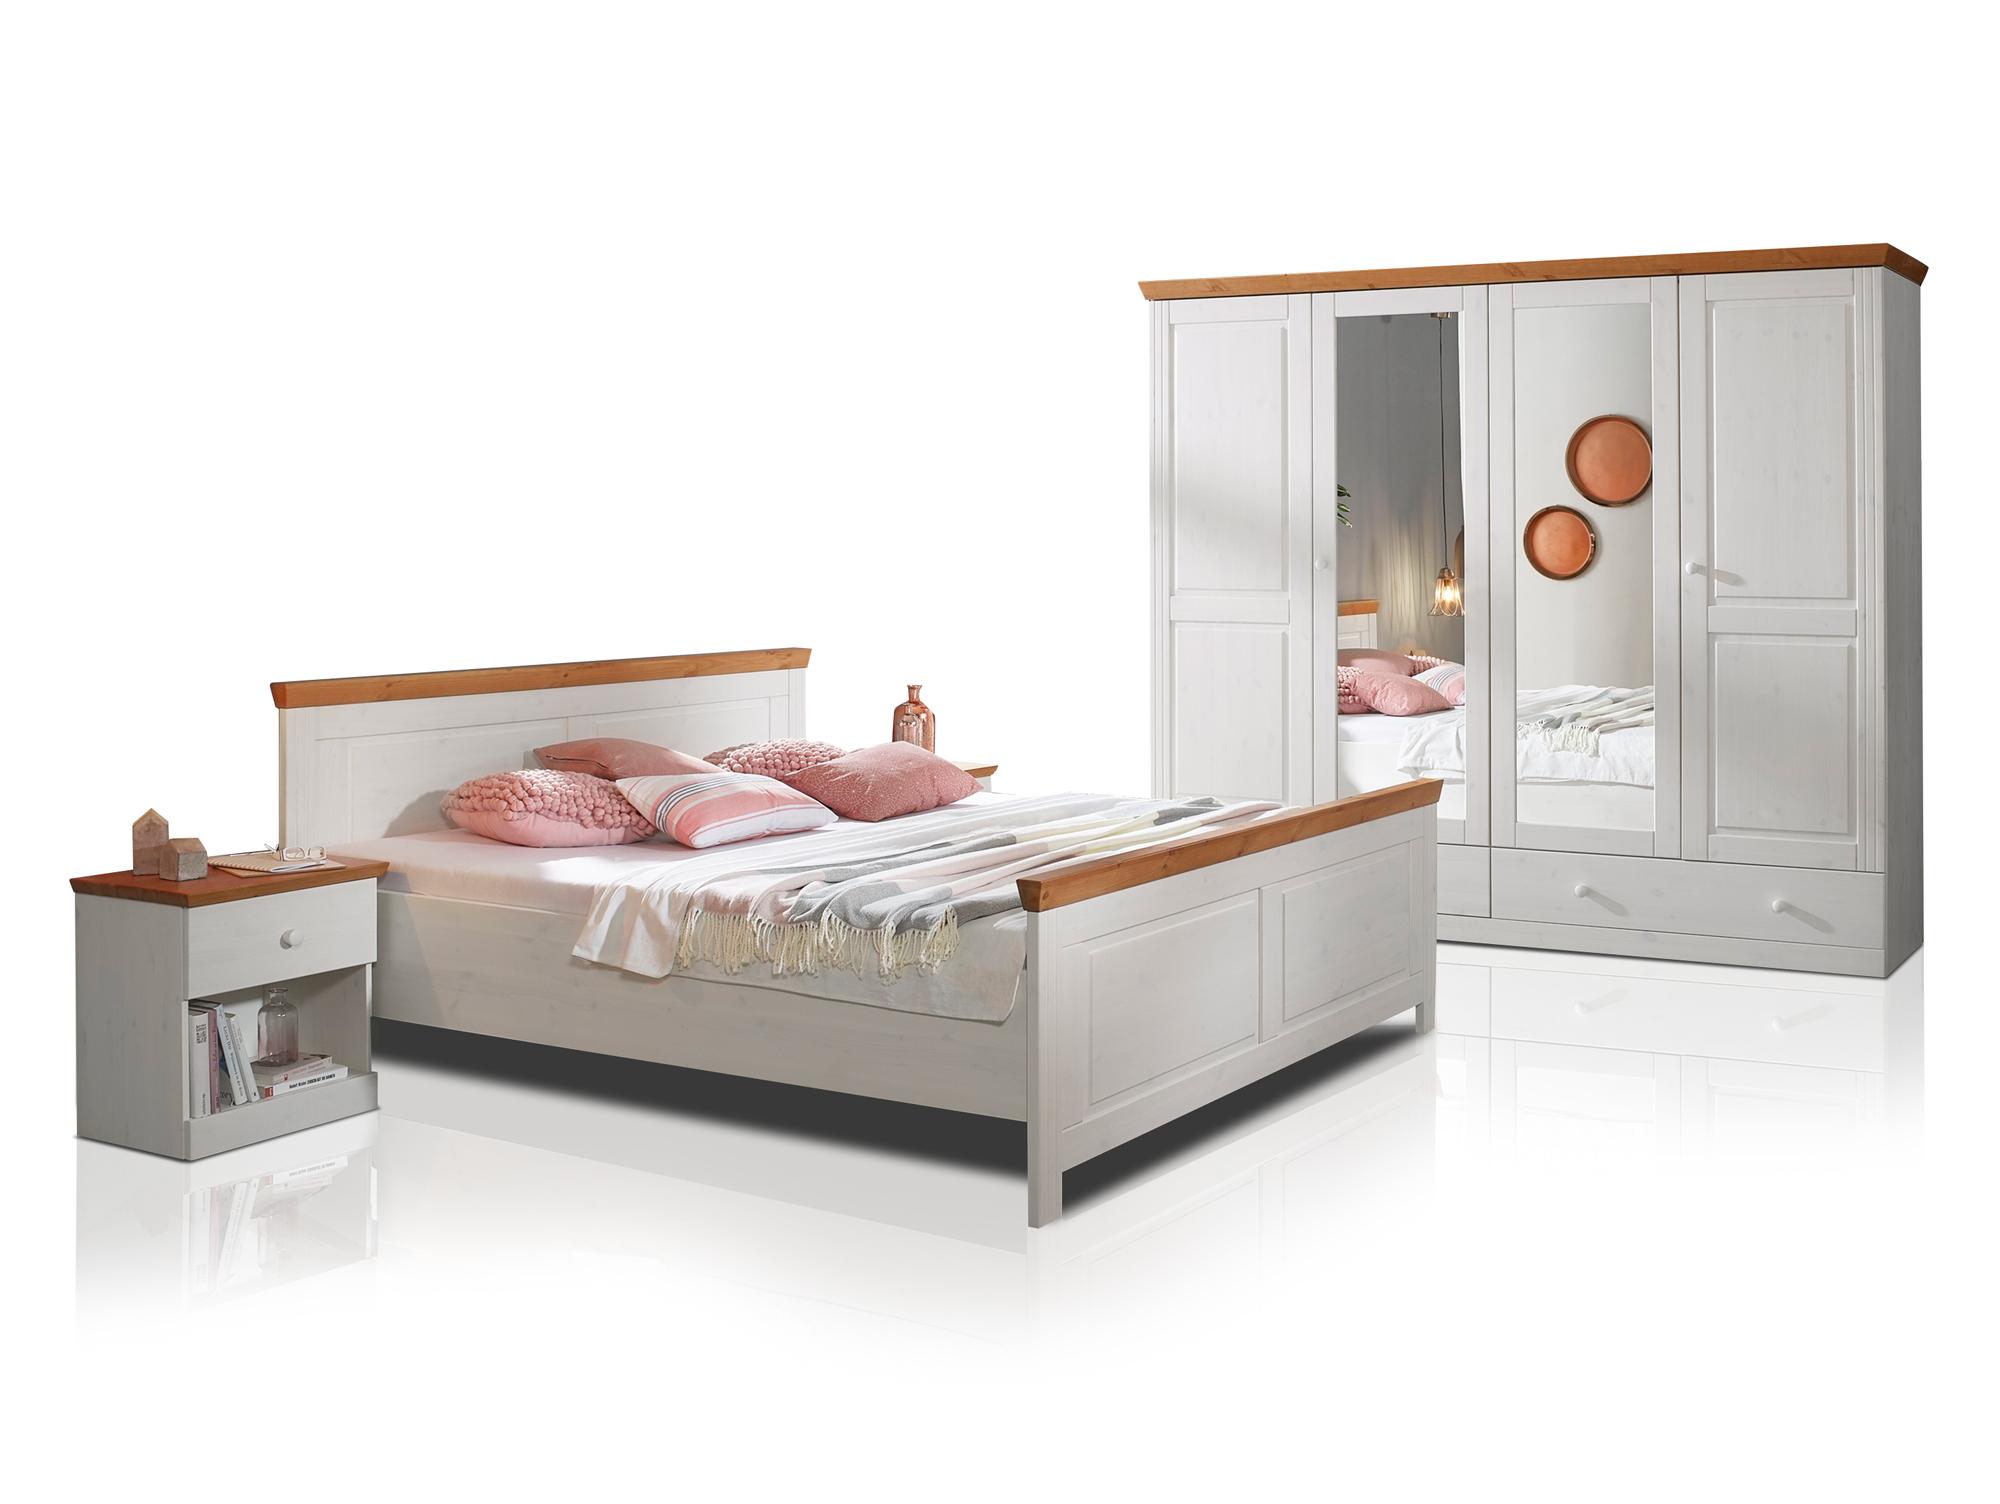 dover schlafzimmer kiefer wei honig. Black Bedroom Furniture Sets. Home Design Ideas